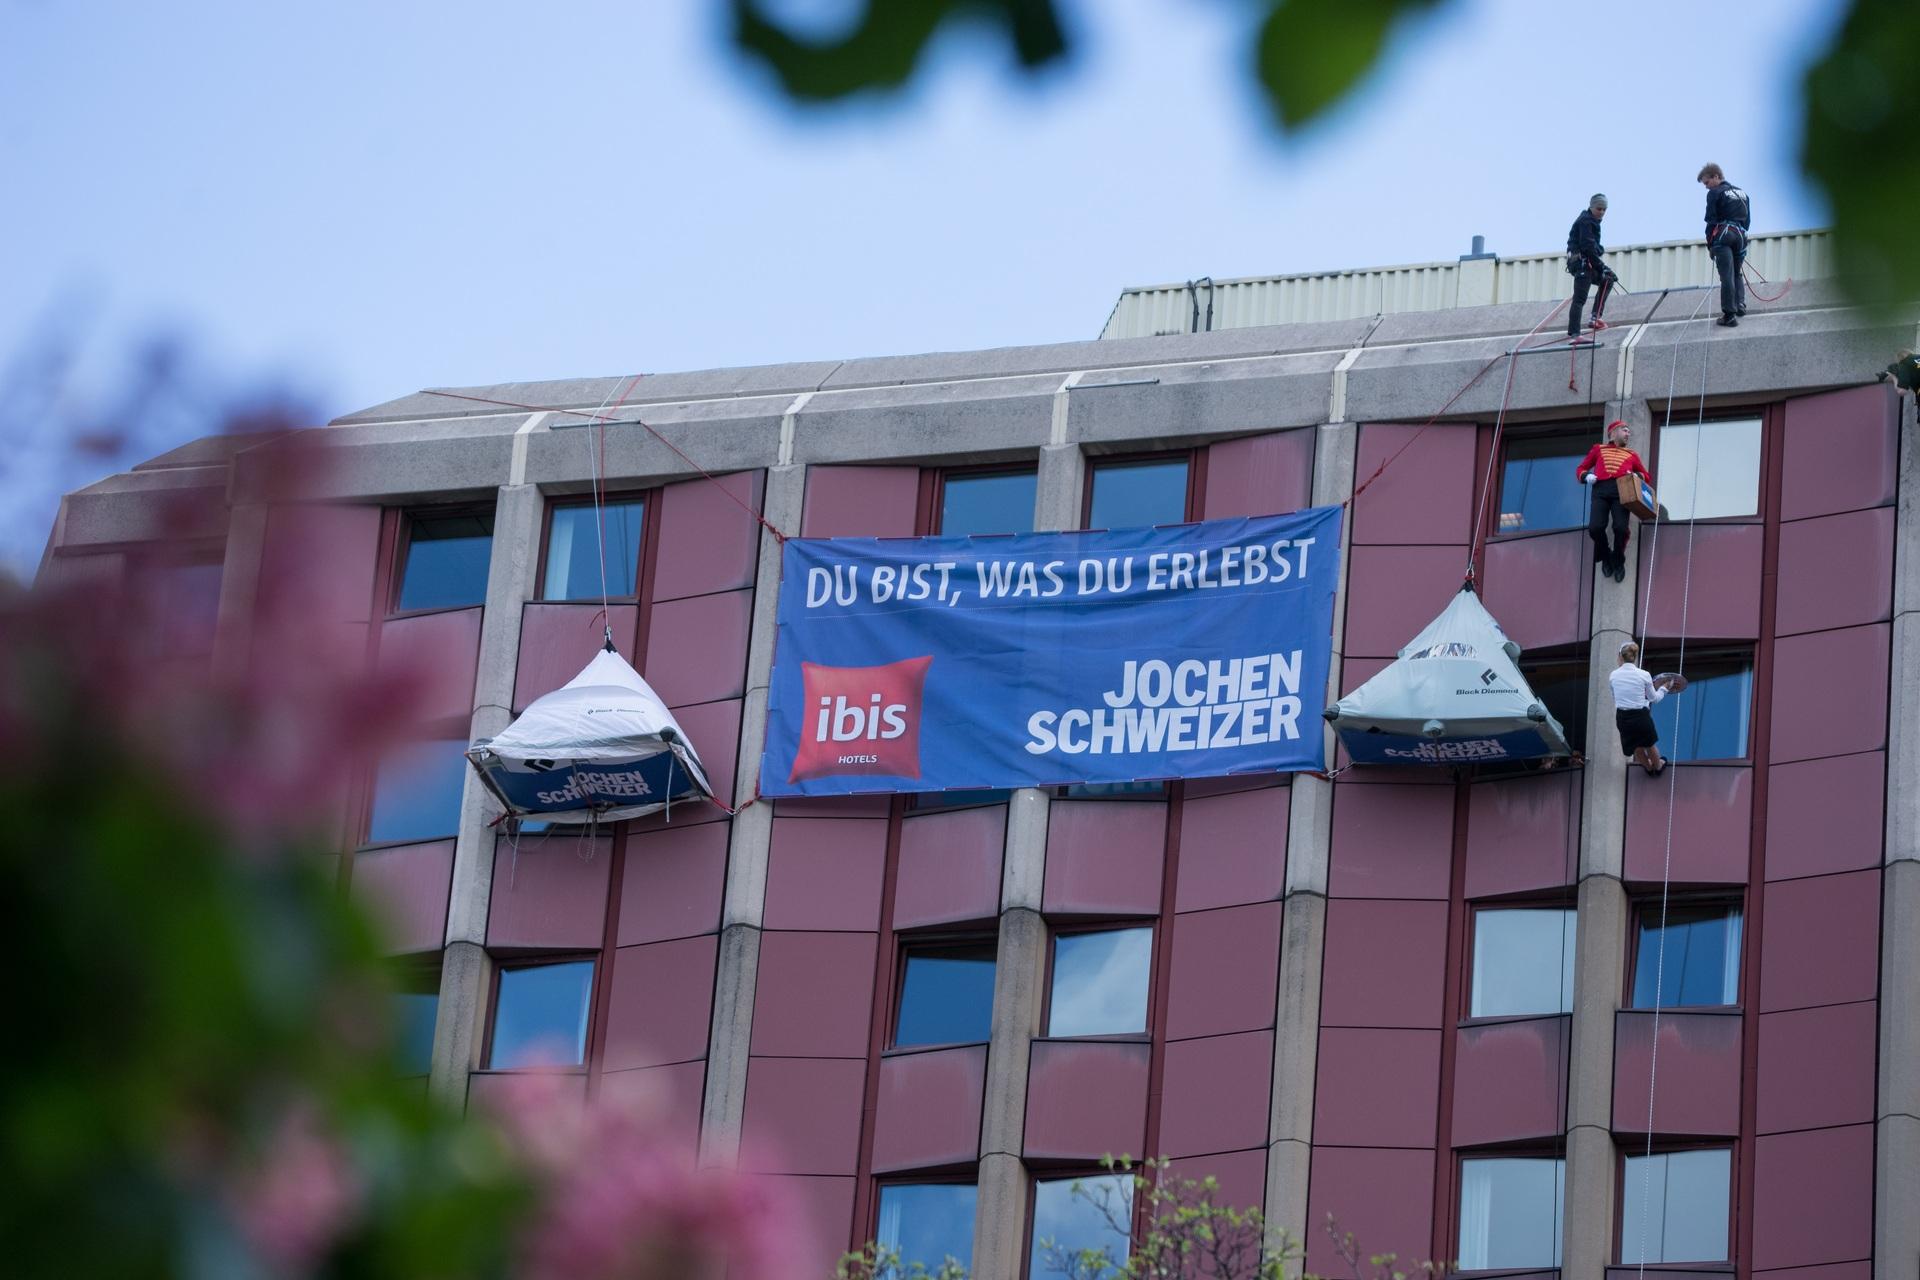 Hotel Wien Jochen Schweizer